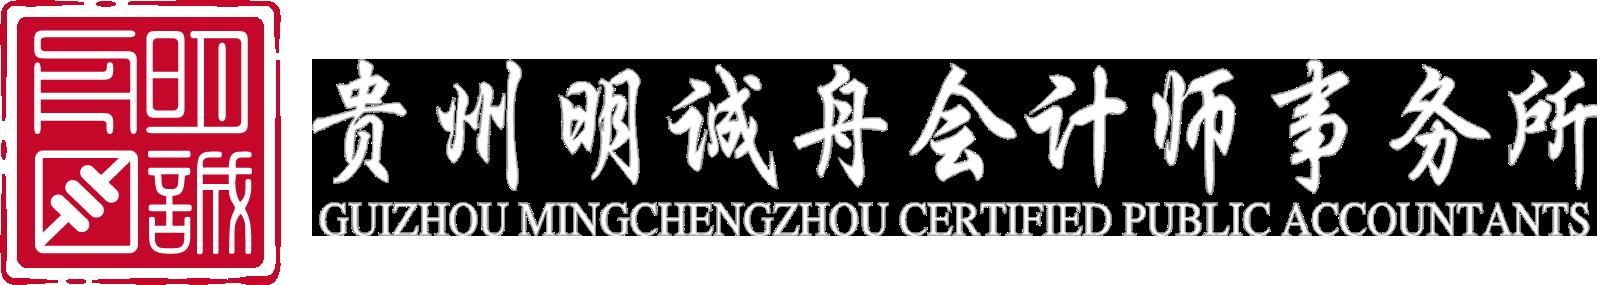 贵州明诚舟会计师事务所